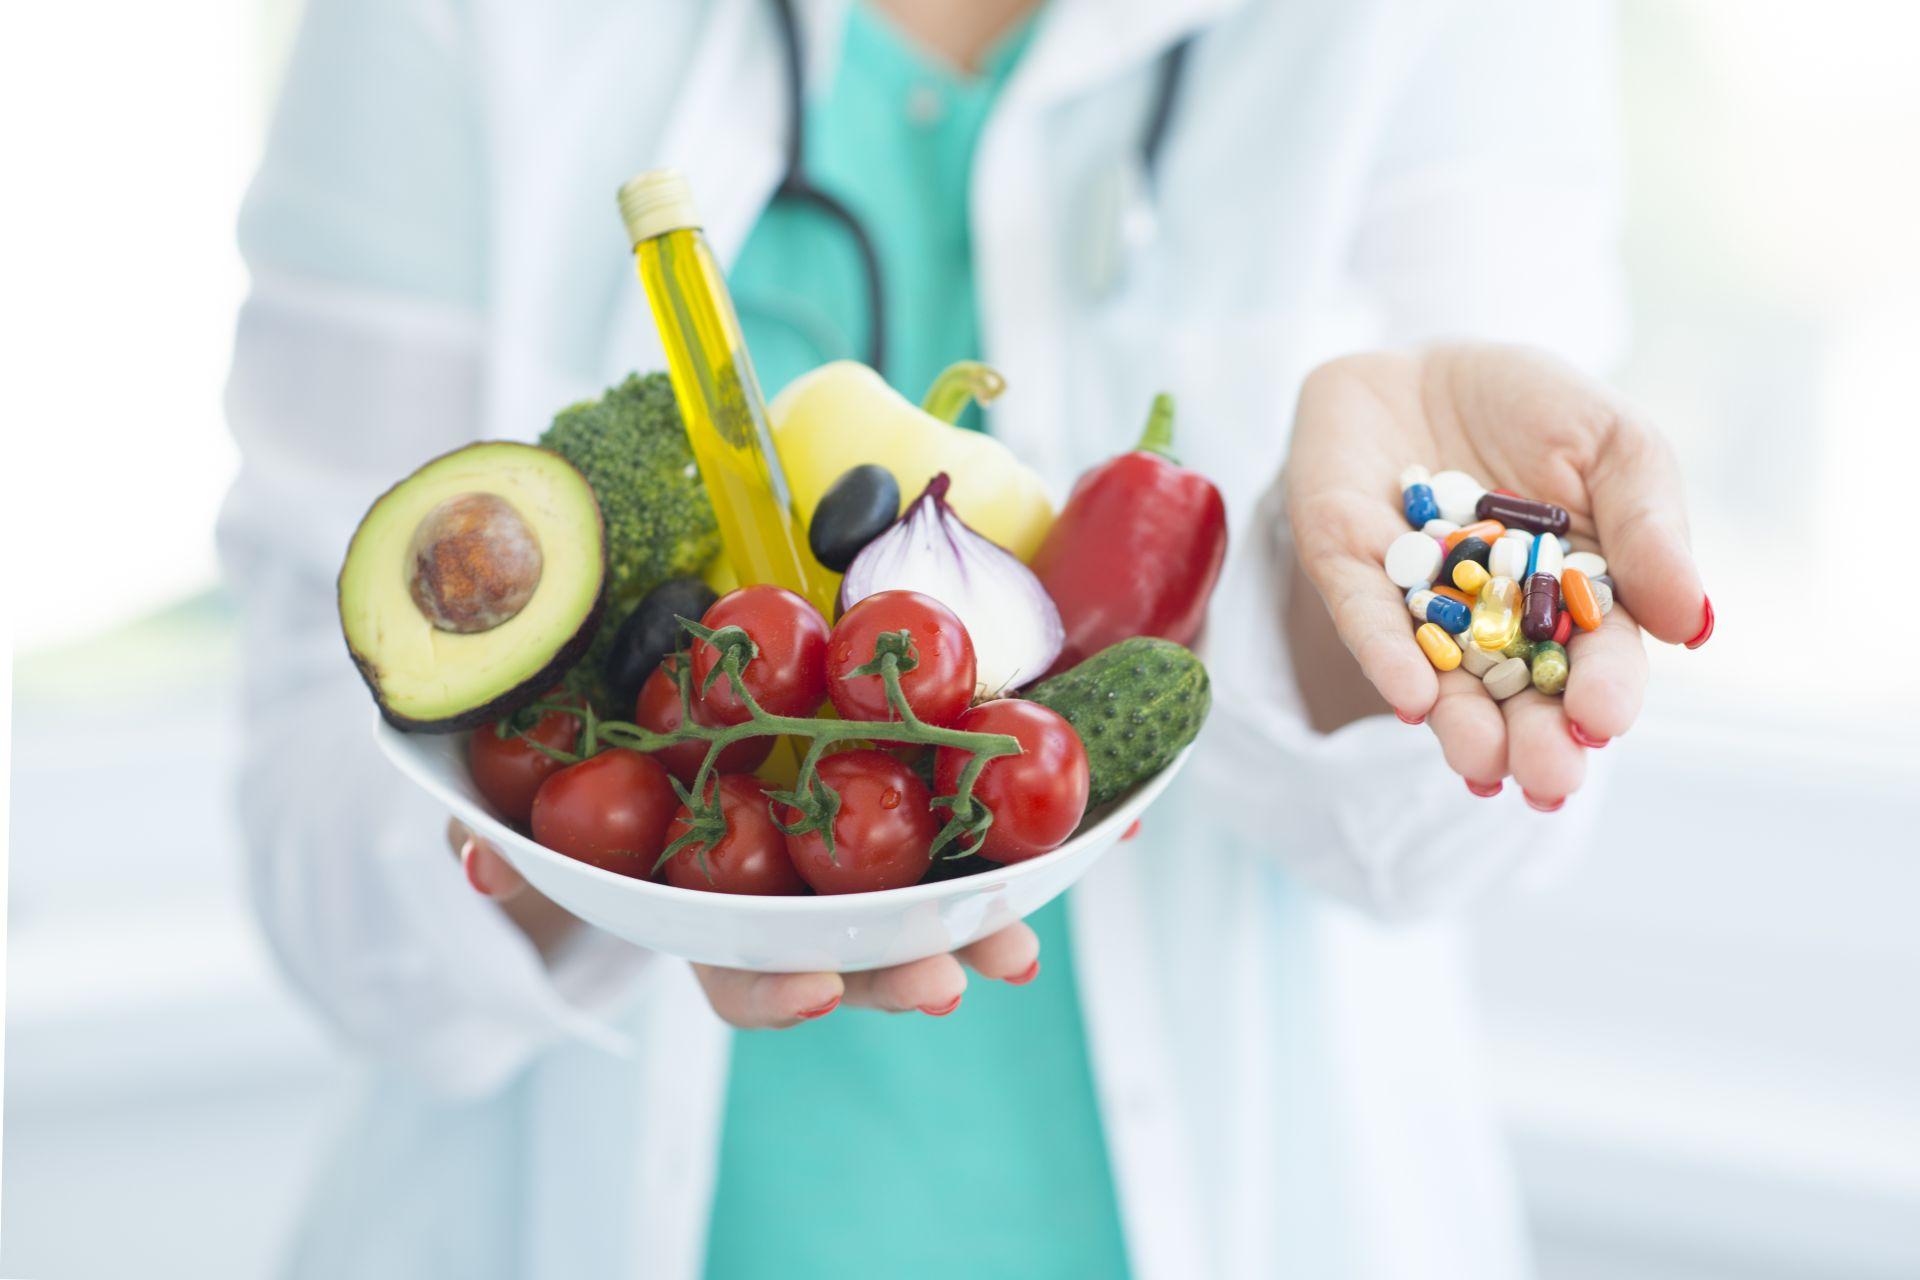 Co wpływa na poziom cholesterolu